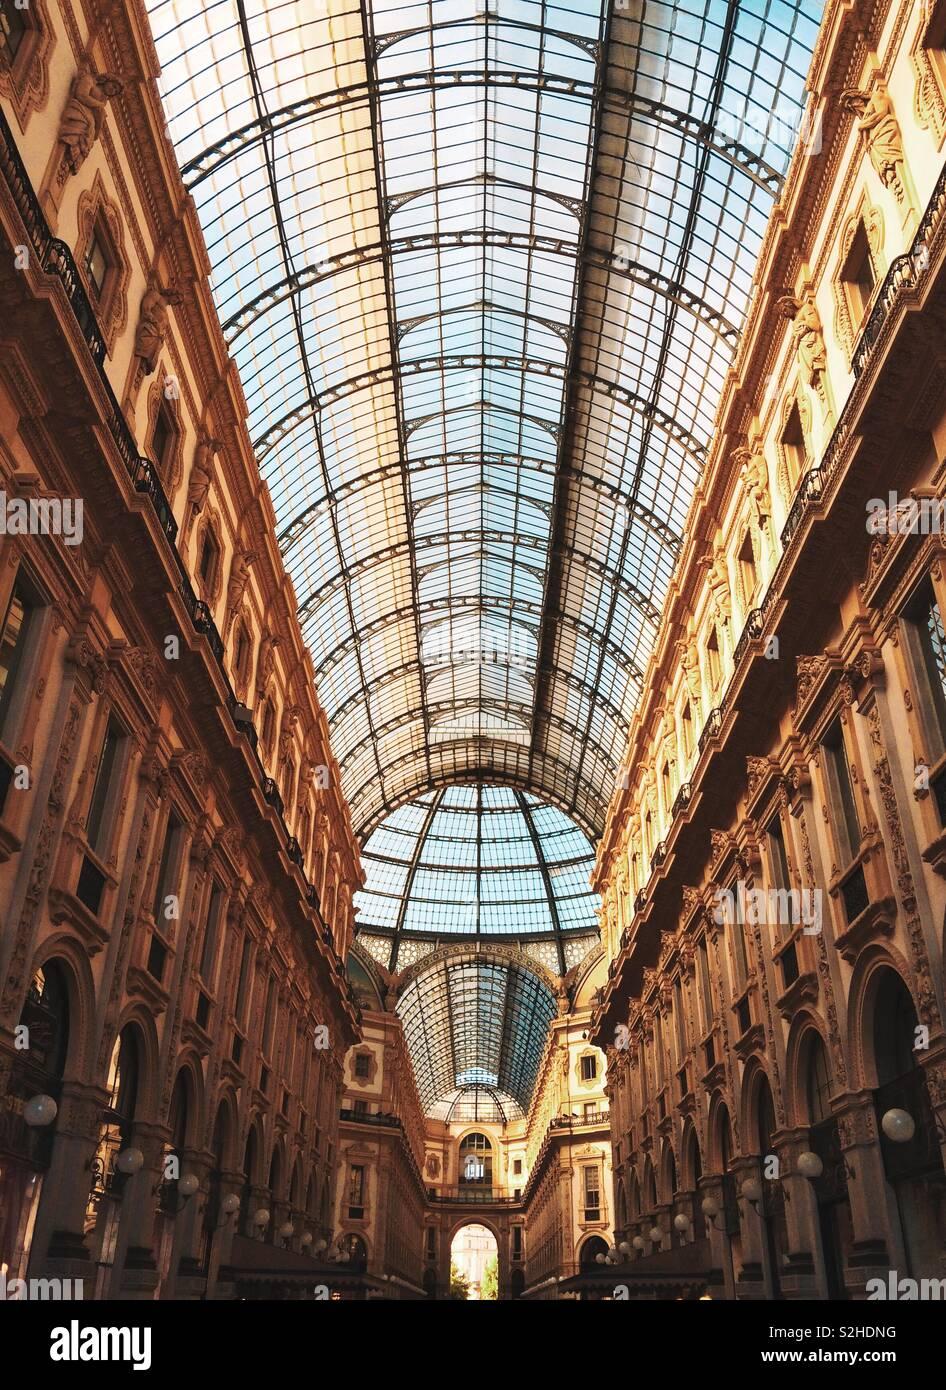 Galleria Vittorio Emanuele, Milan, Italy - Stock Image